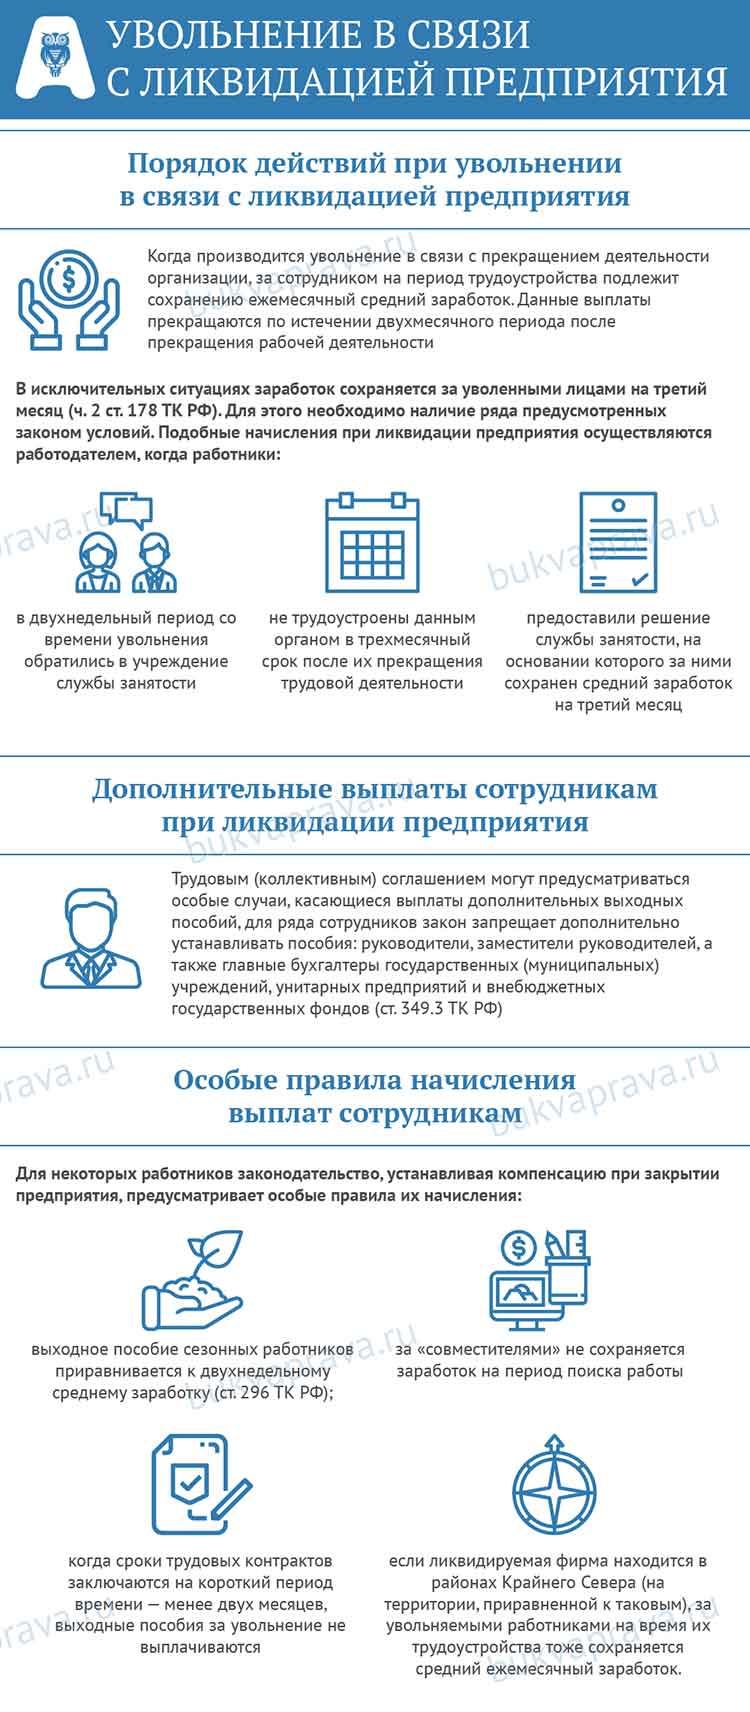 Гарантии и компенсации при ликвидации предприятия в районах крайнего севера